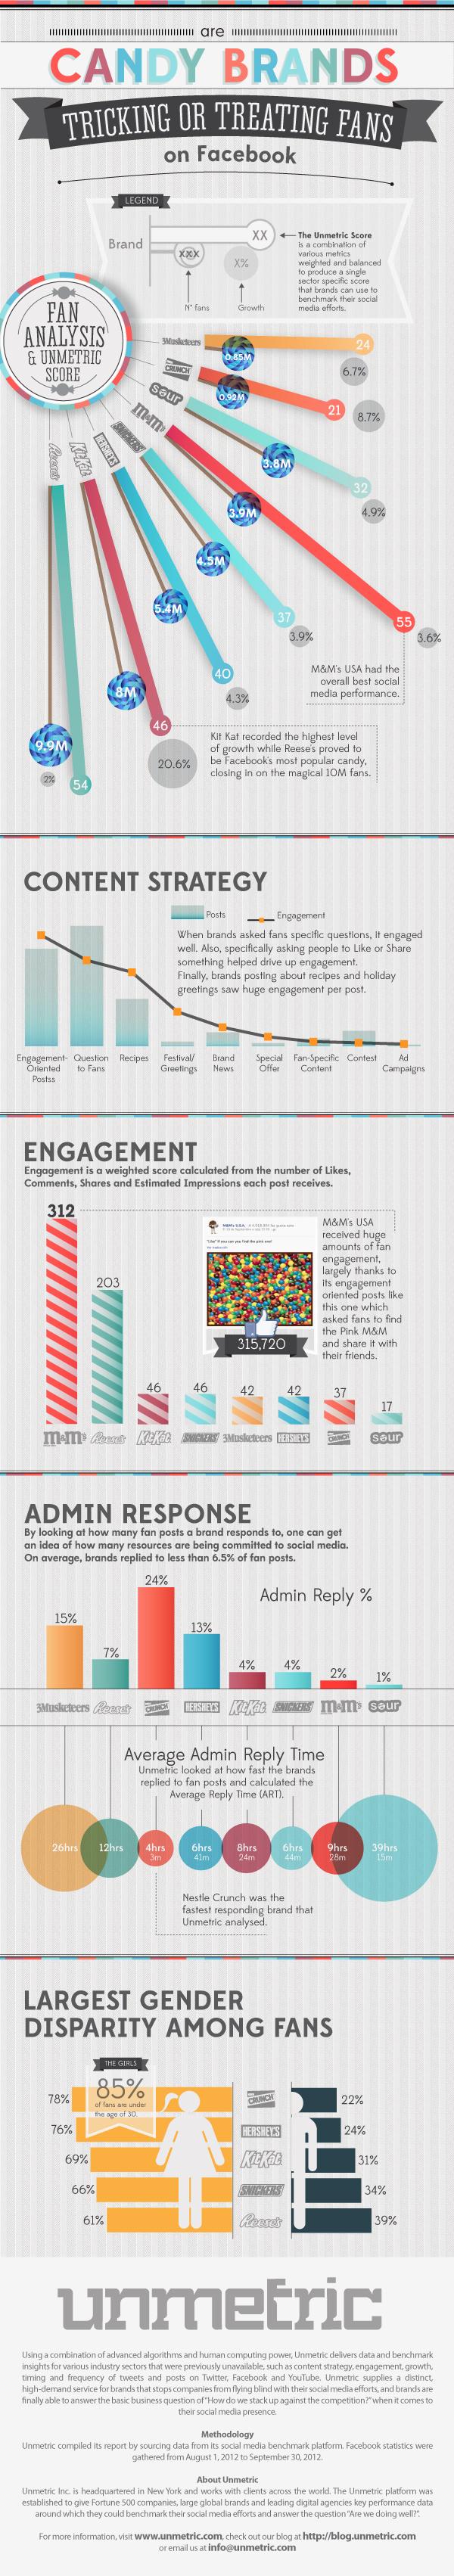 Popular Candy Brands on Social Media